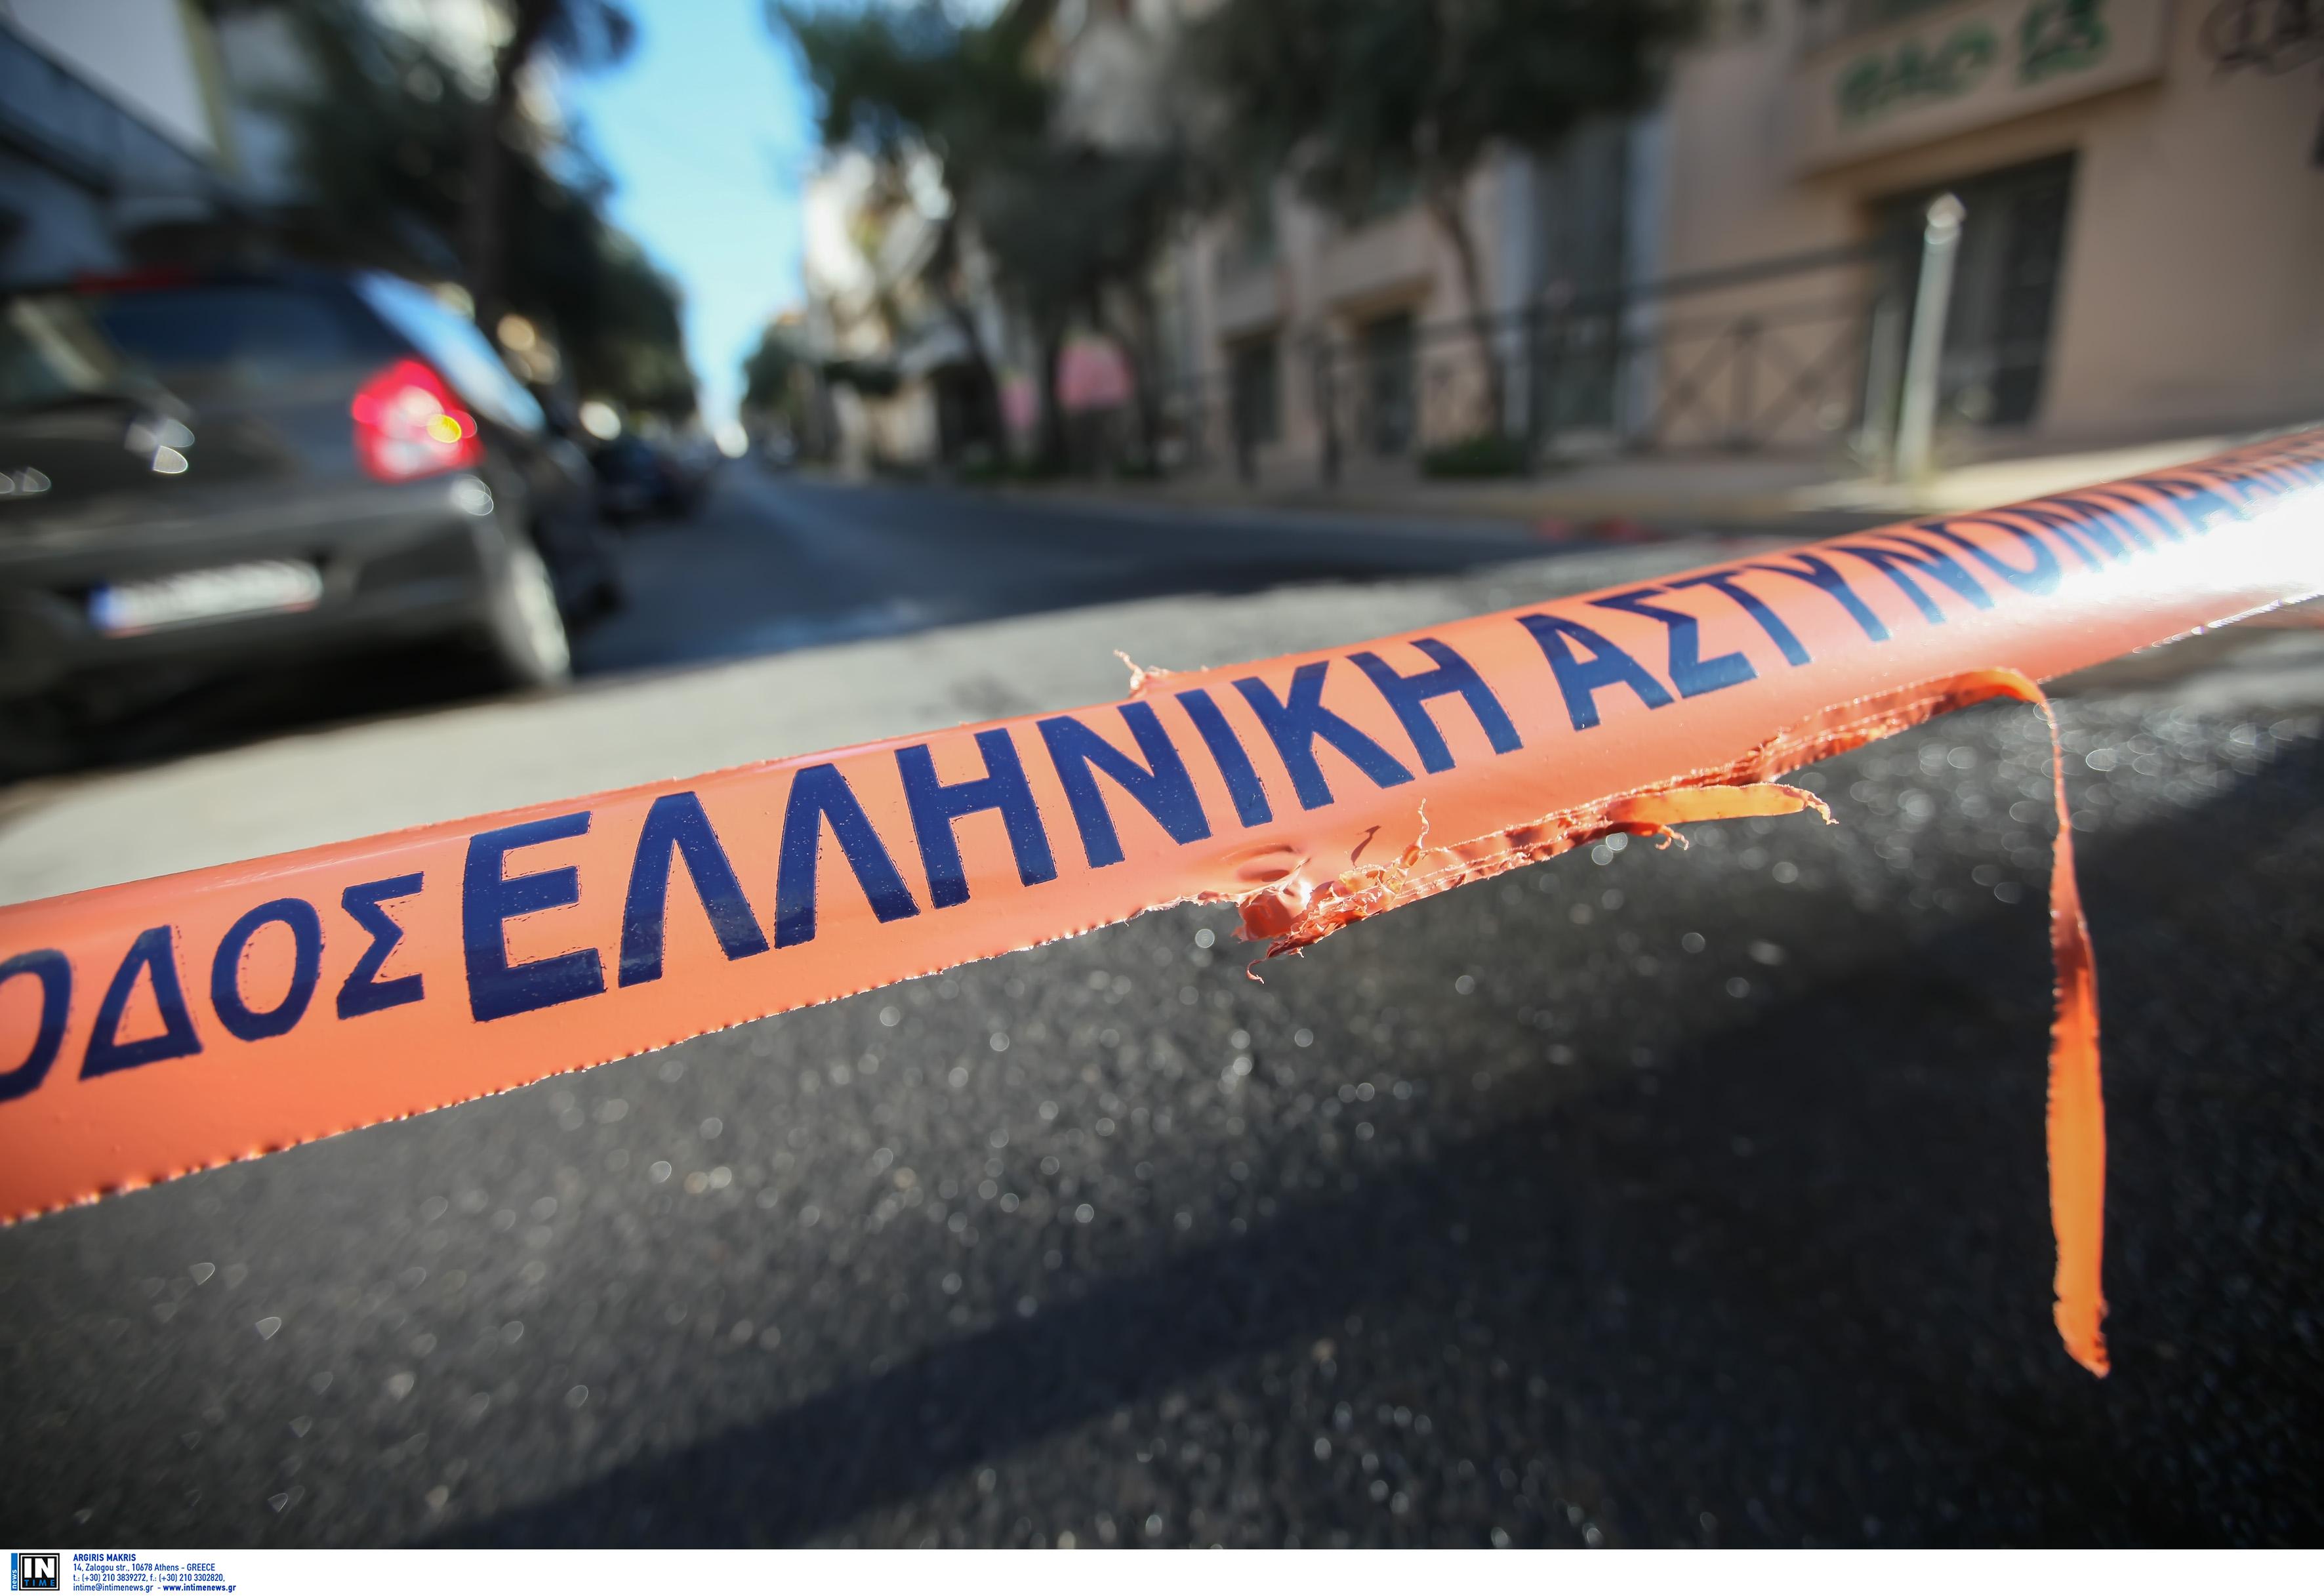 Θεσσαλονίκη: Αιχμάλωτοι σε απόθηκη για 14 μέρες! Τους βρήκαν σε άθλια κατάσταση να κλαίνε